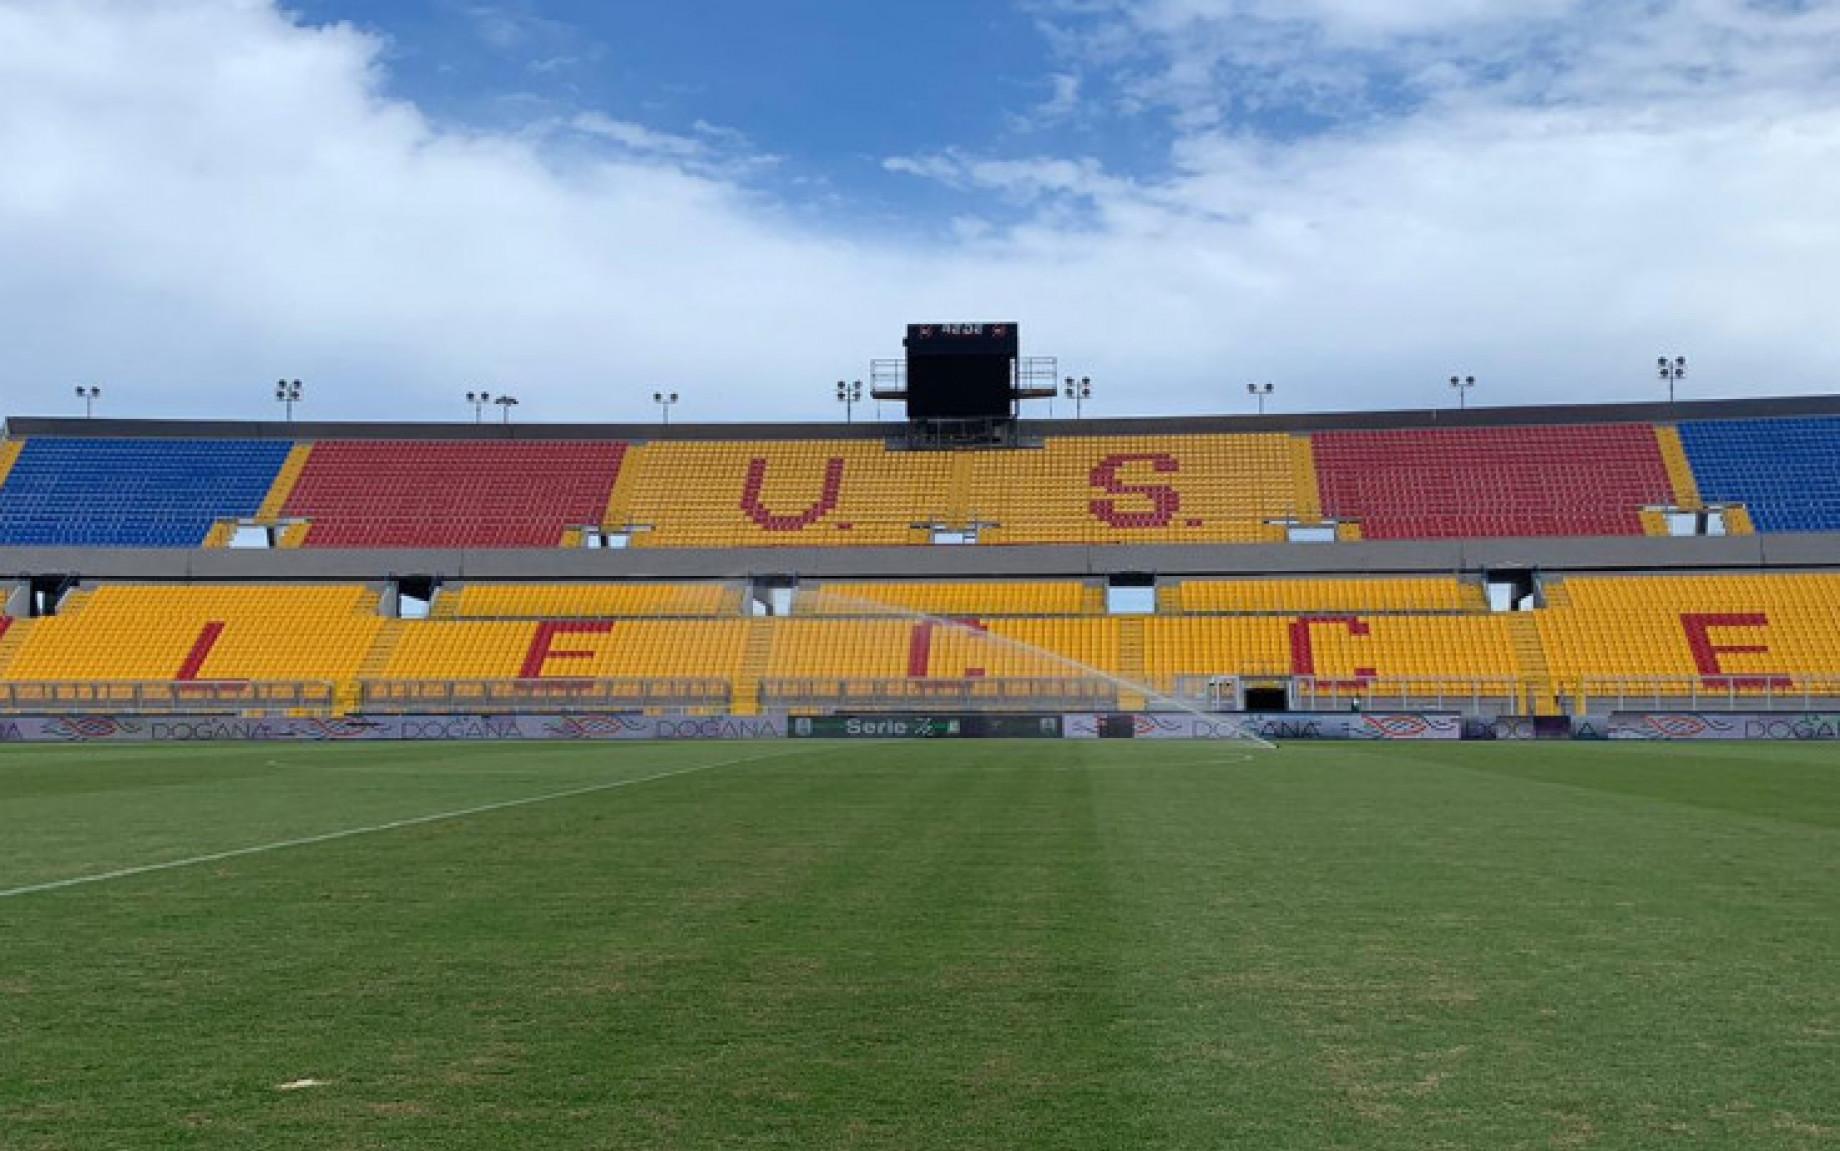 stadio_lecce_via_del_mar_serie_b_gdm.jpg